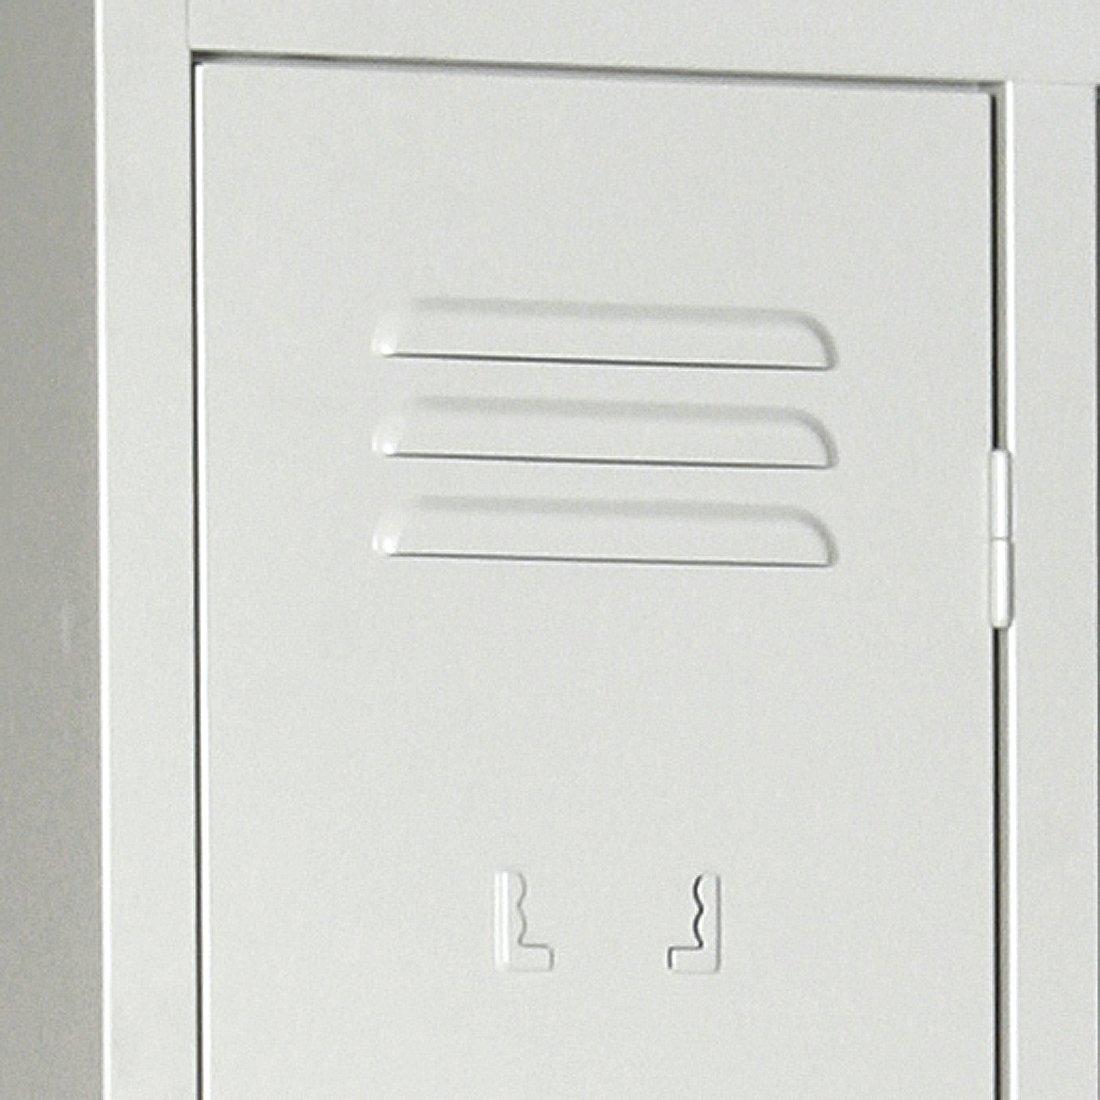 einfarbig RAL 7035 Abteilbreite 300 mm Lichtgrau 4 Abteile Protaurus Kleiderspind CLASSICO mit Sockel Sicherheitsdrehriegel